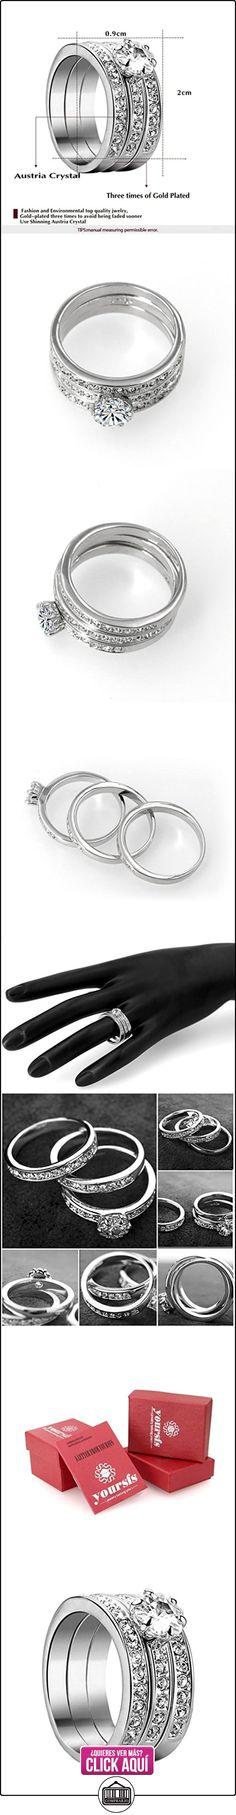 Yoursfs - Anillo Elegante Chapado en Oro blanco 3-en-1 de Circonio Cúbico para mujeres  ✿ Joyas para mujer - Las mejores ofertas ✿ ▬► Ver oferta: https://comprar.io/goto/B01FLTURT8